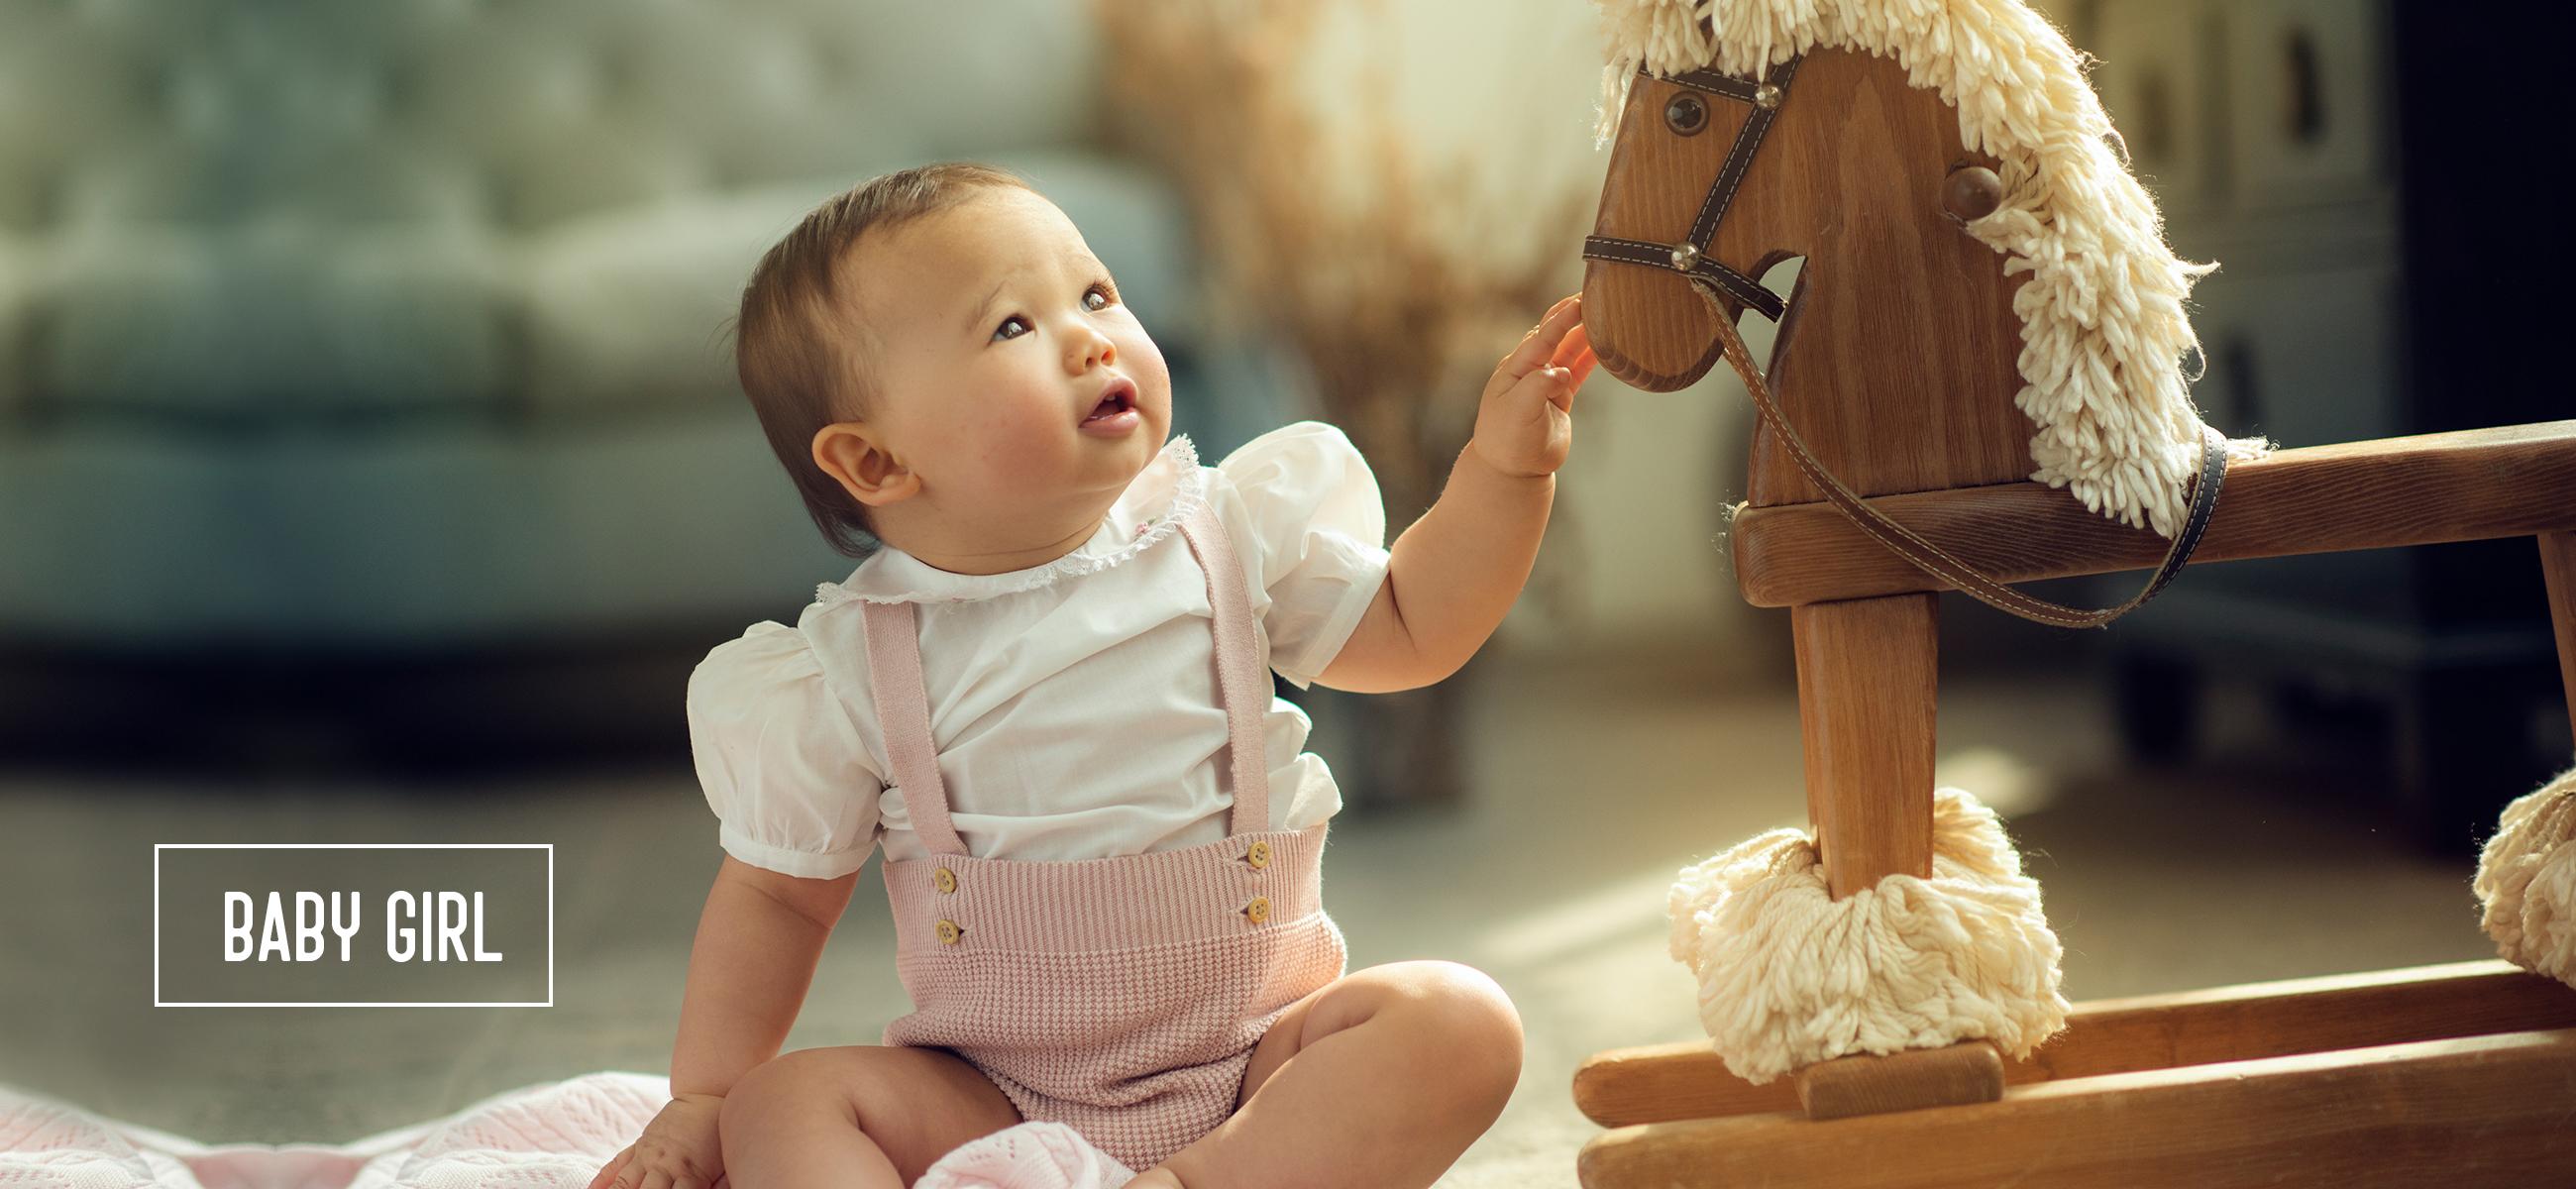 banner-baby-girl.jpg